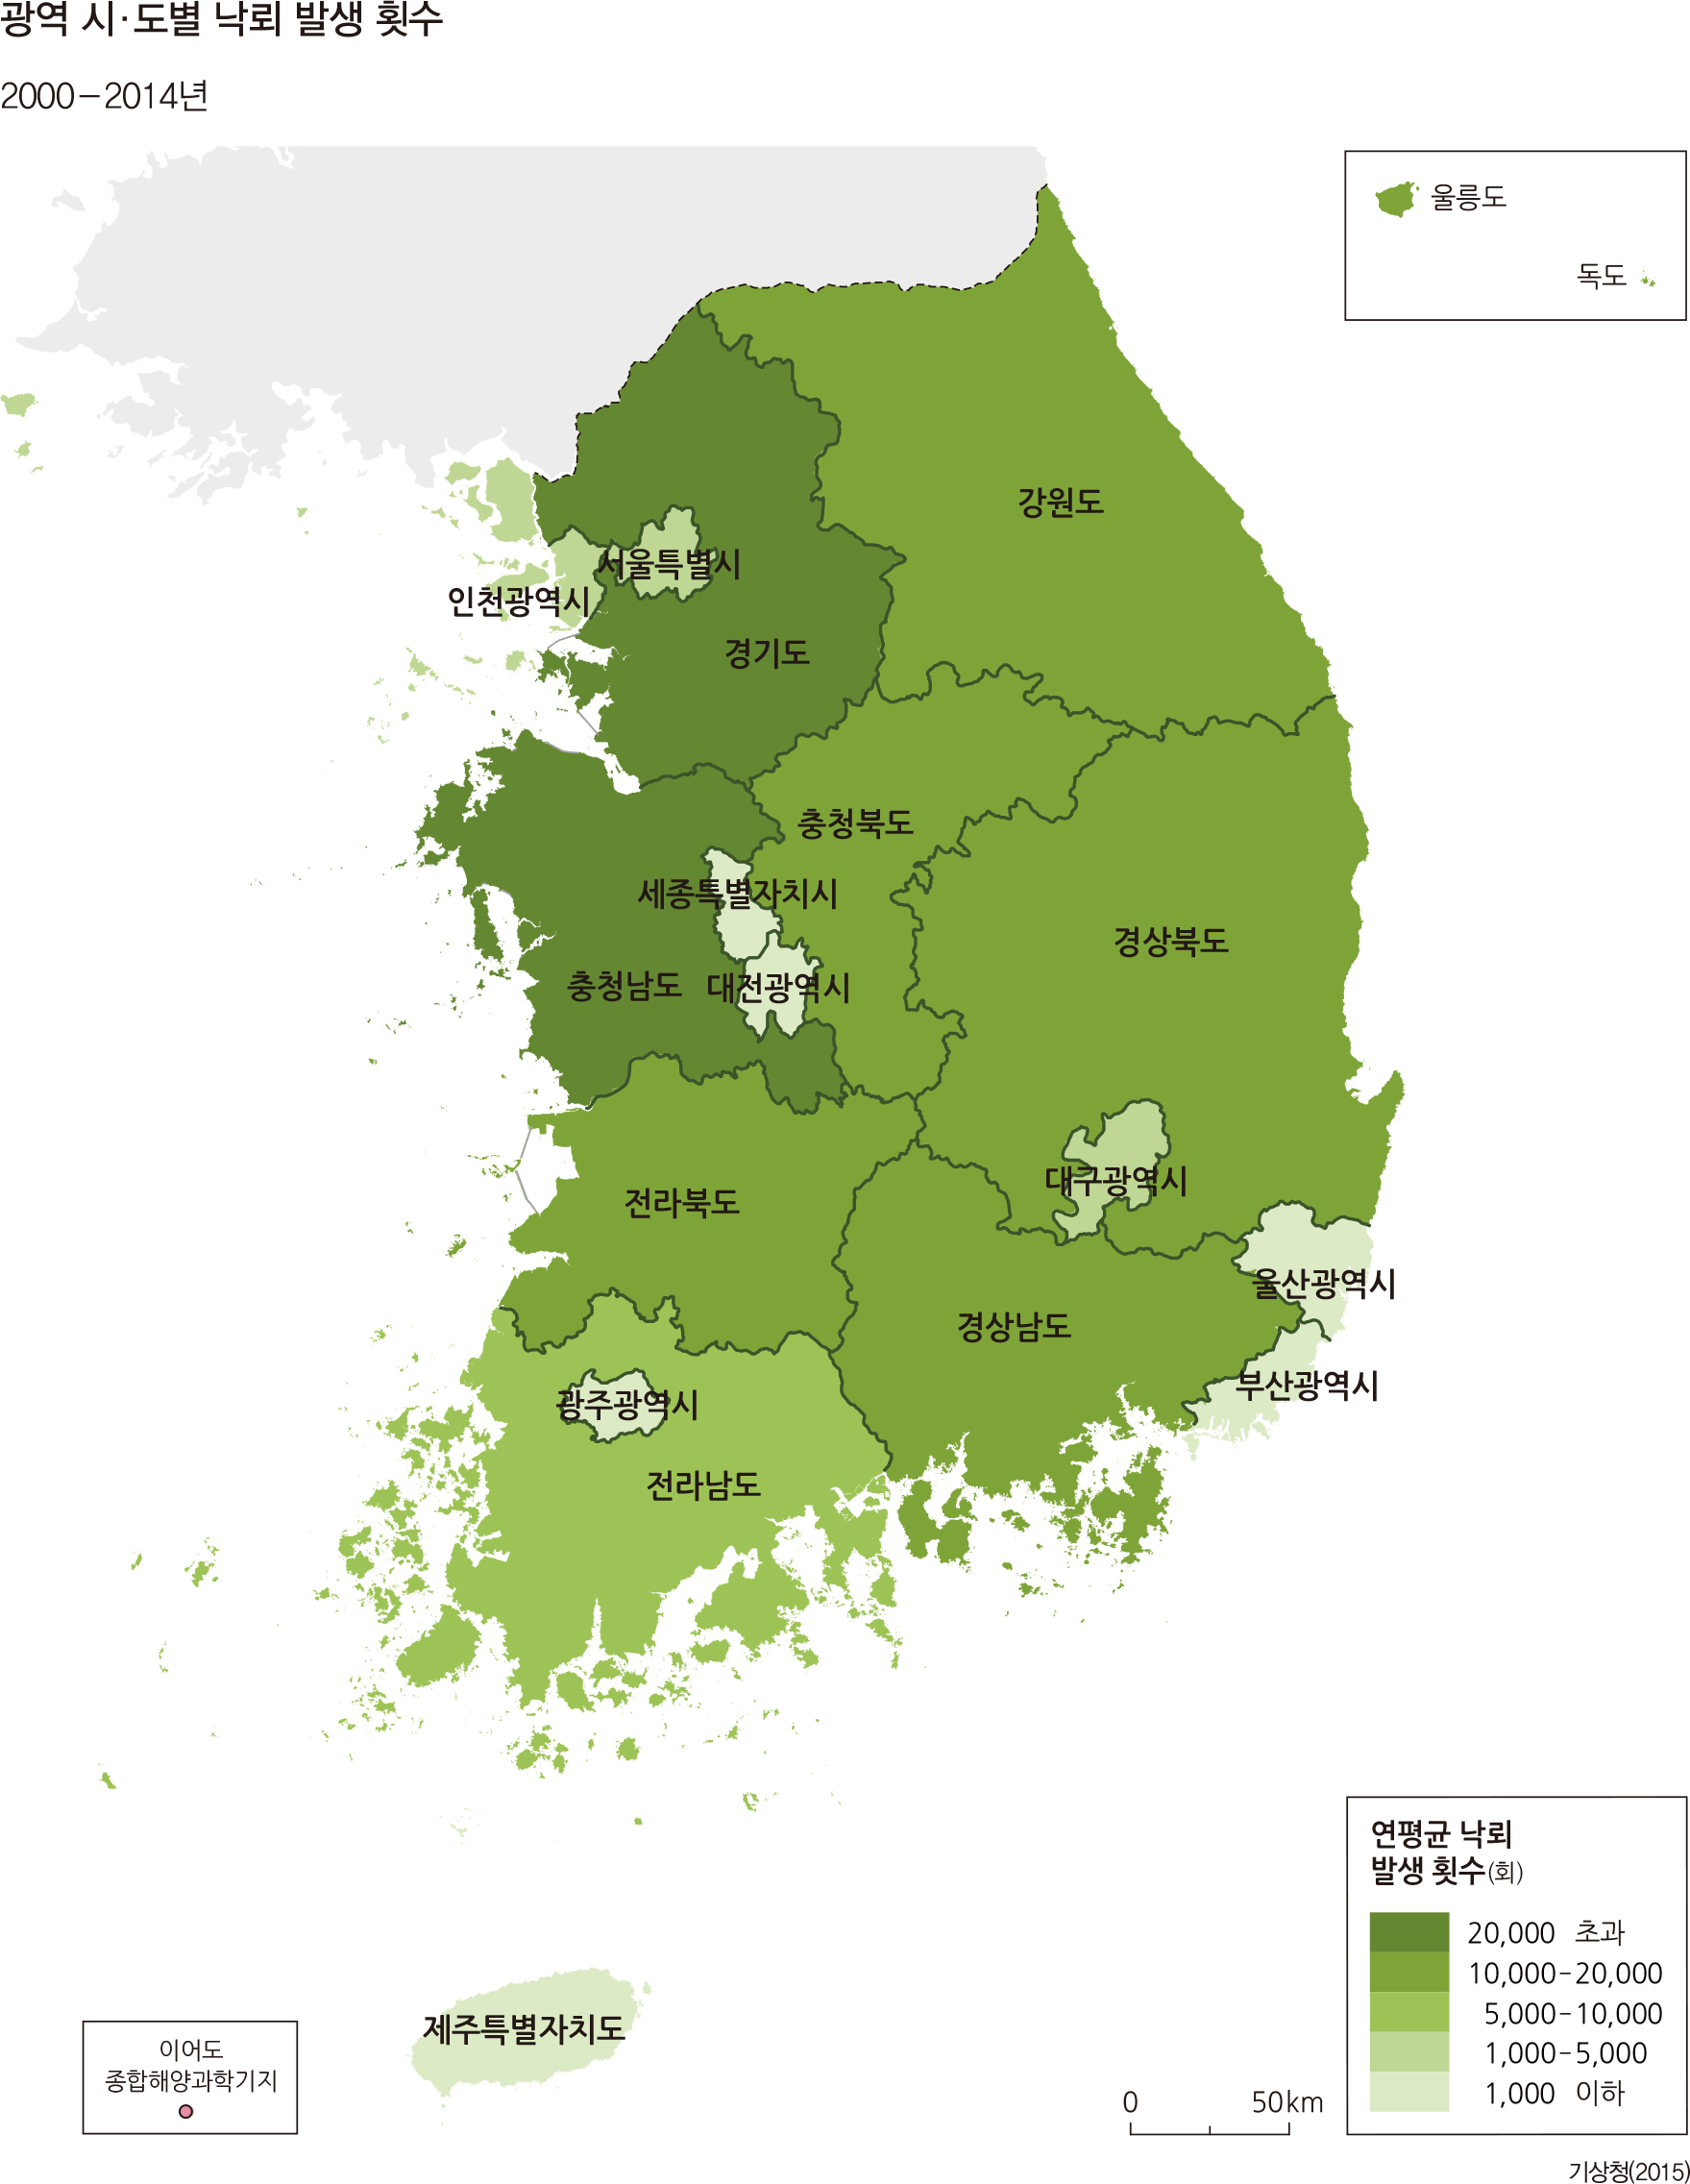 광역 시·도별 낙뢰 발생 횟수 /  2000 - 2014년